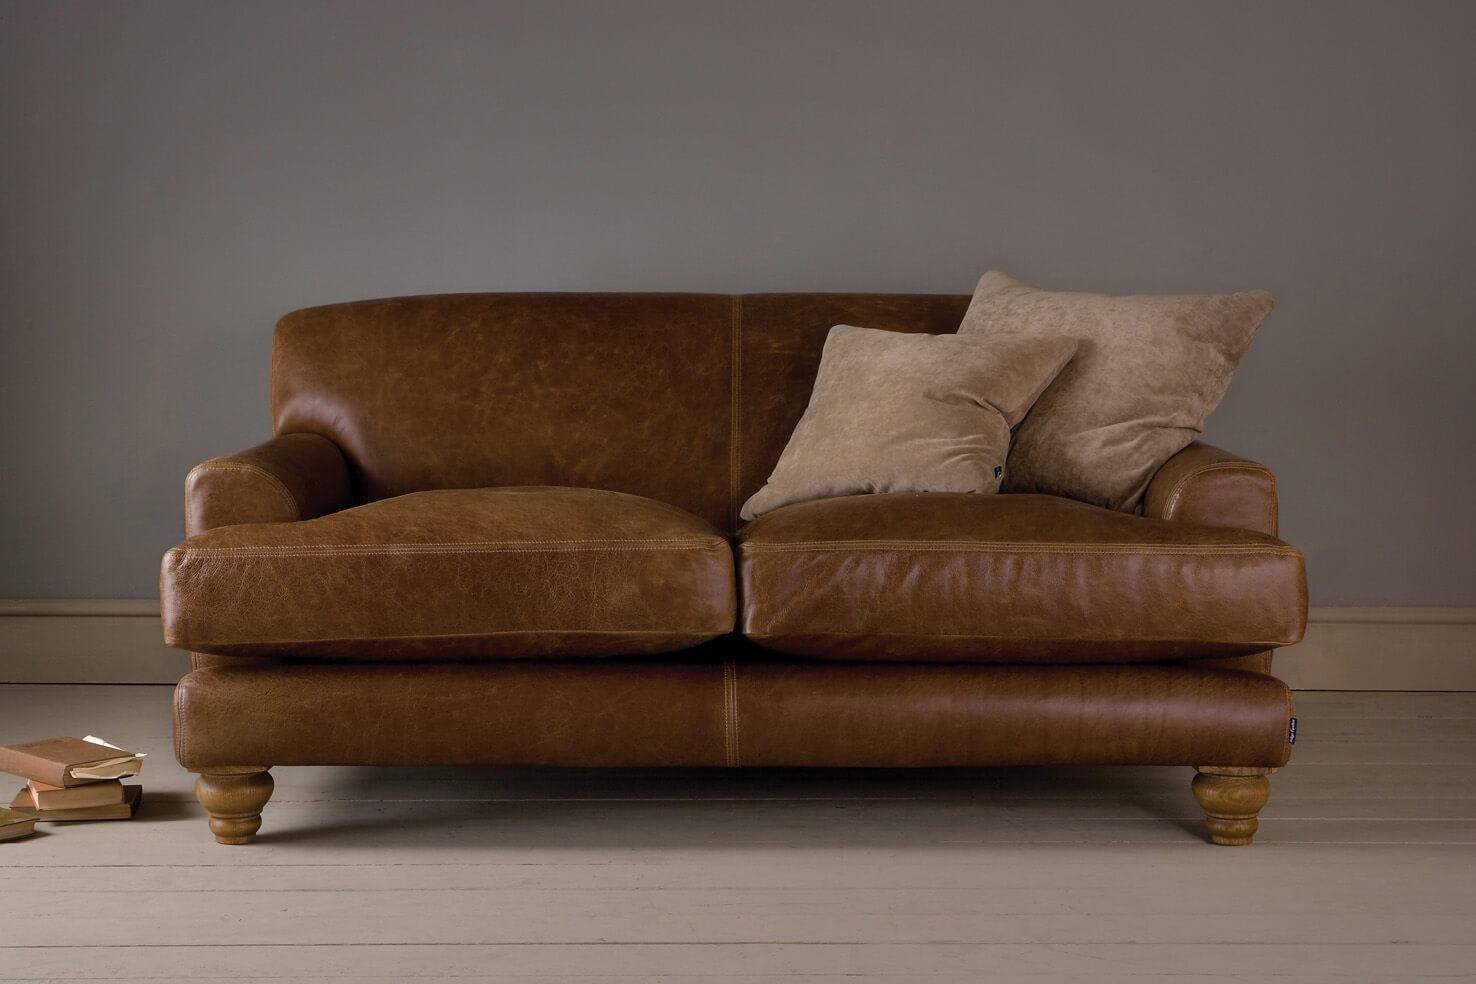 The English Low Arm Leather Sofaindigo Furniture Throughout Leather Sofas (Image 21 of 21)